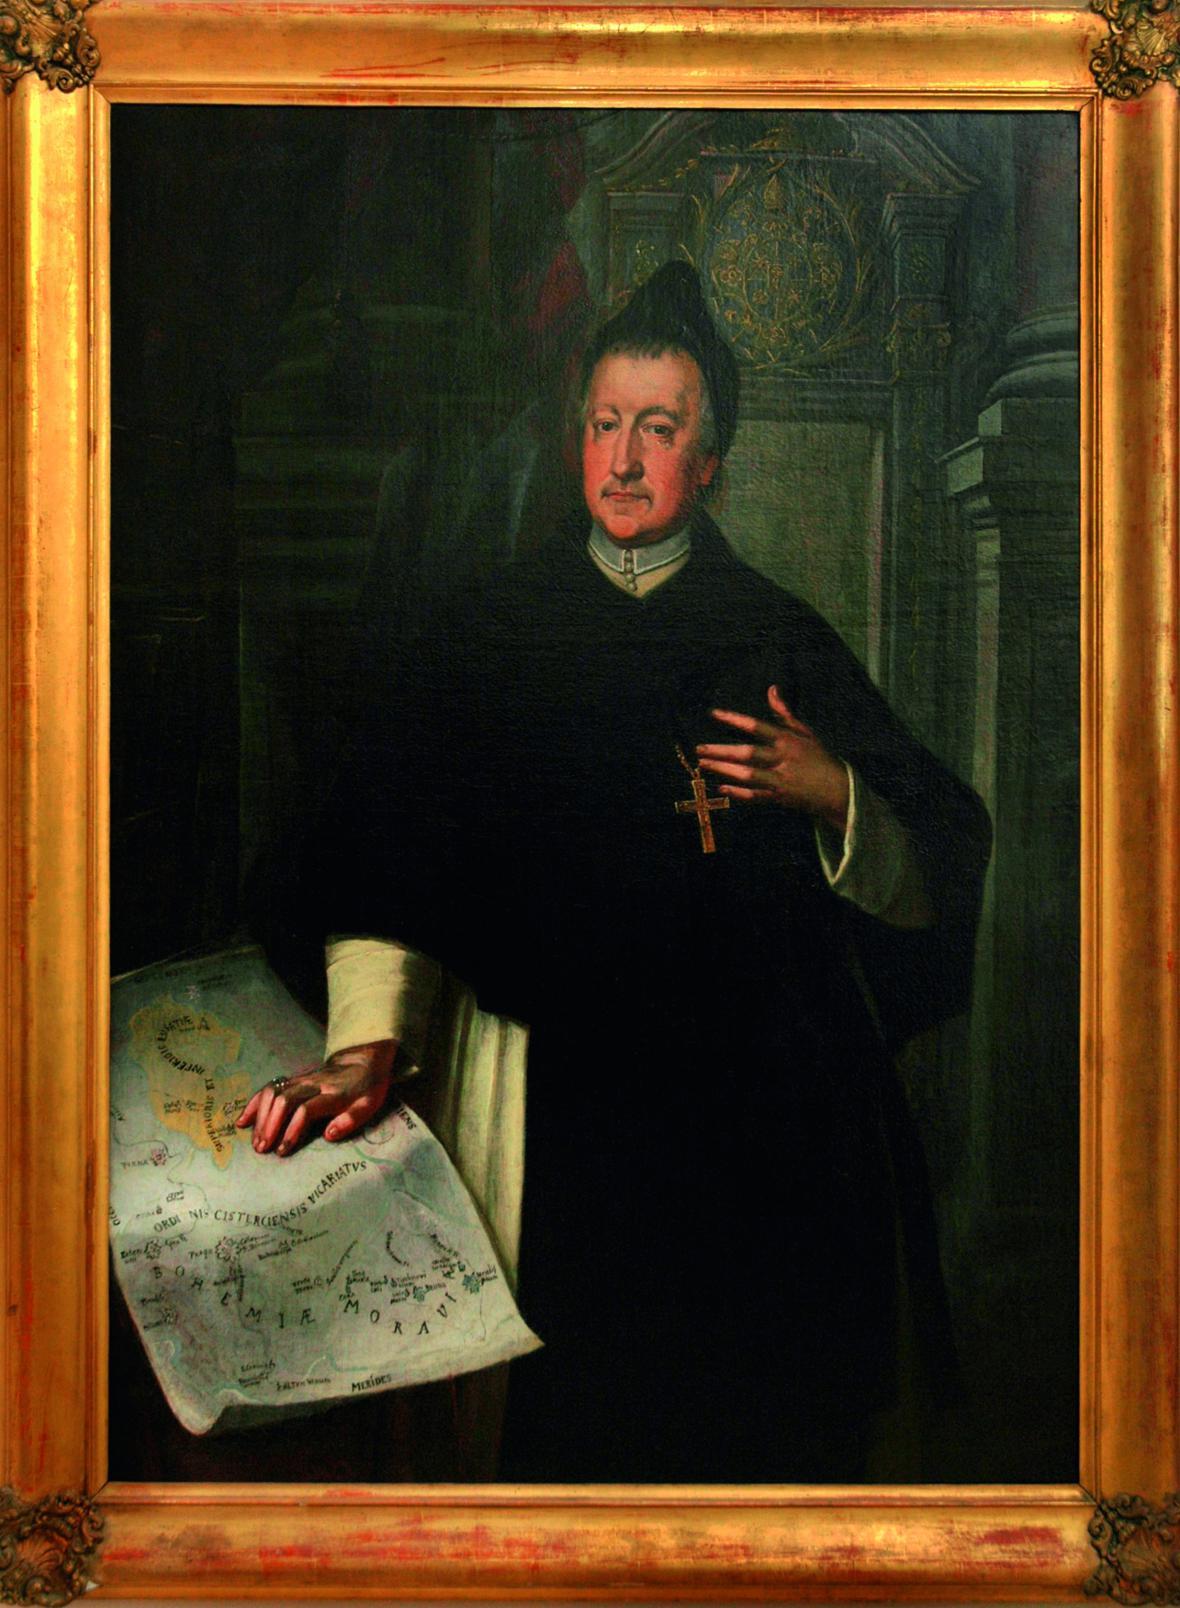 Portrét opata Evžena Tyttla, po roce 1725, neznámý malíř